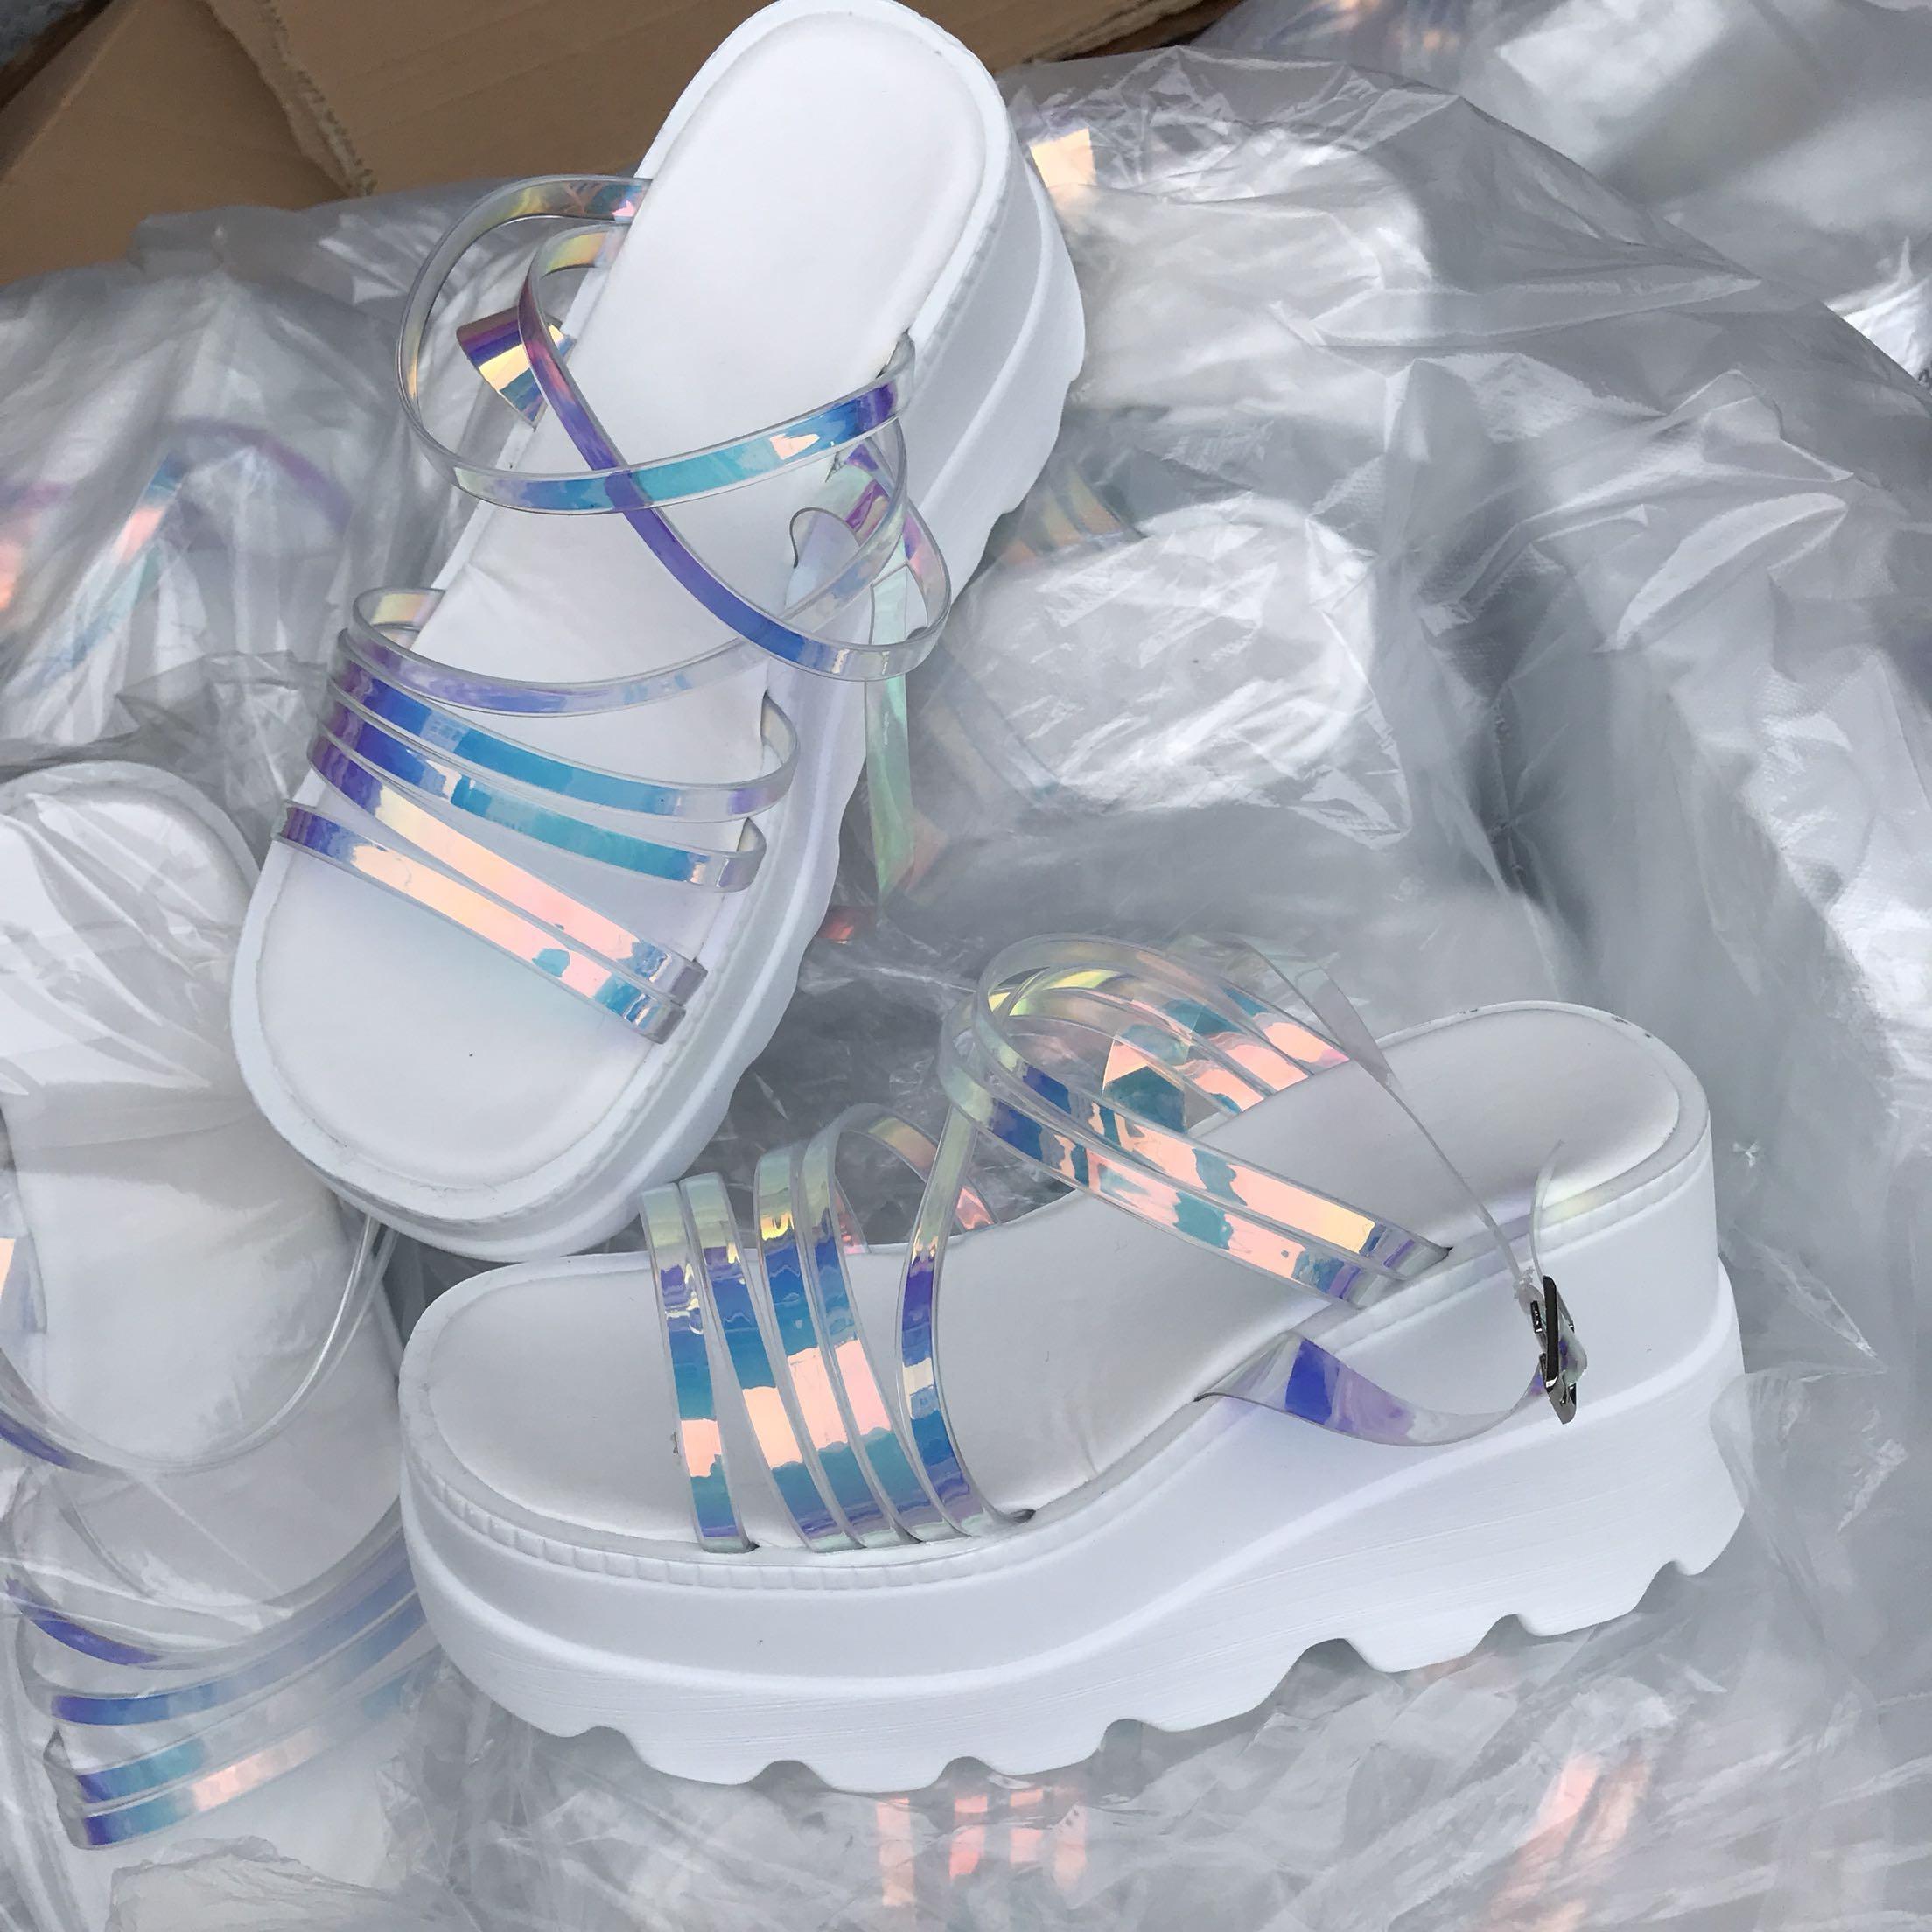 Precio barato Verano de 2020 Sandalias Zapatos de plataforma de las mujeres sandalias de verano de las mujeres para la <span class=keywords><strong>casa</strong></span>